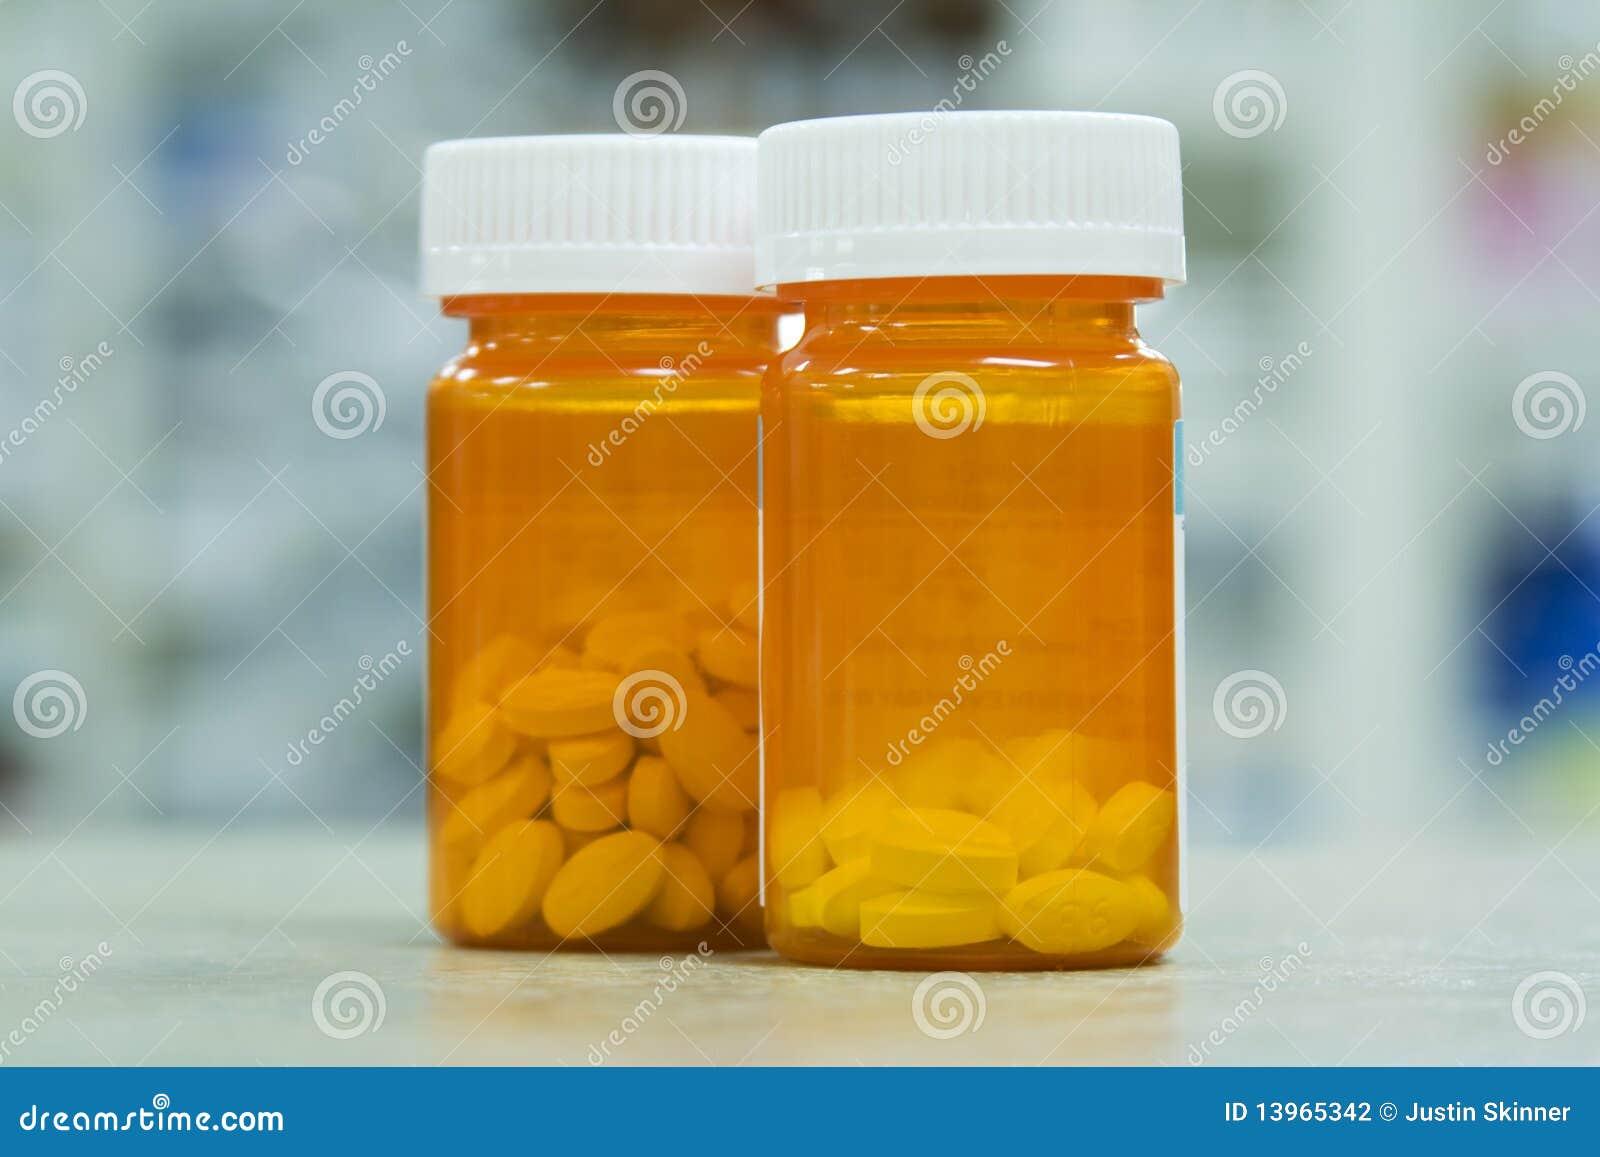 Pille-Flaschen in der Apotheke